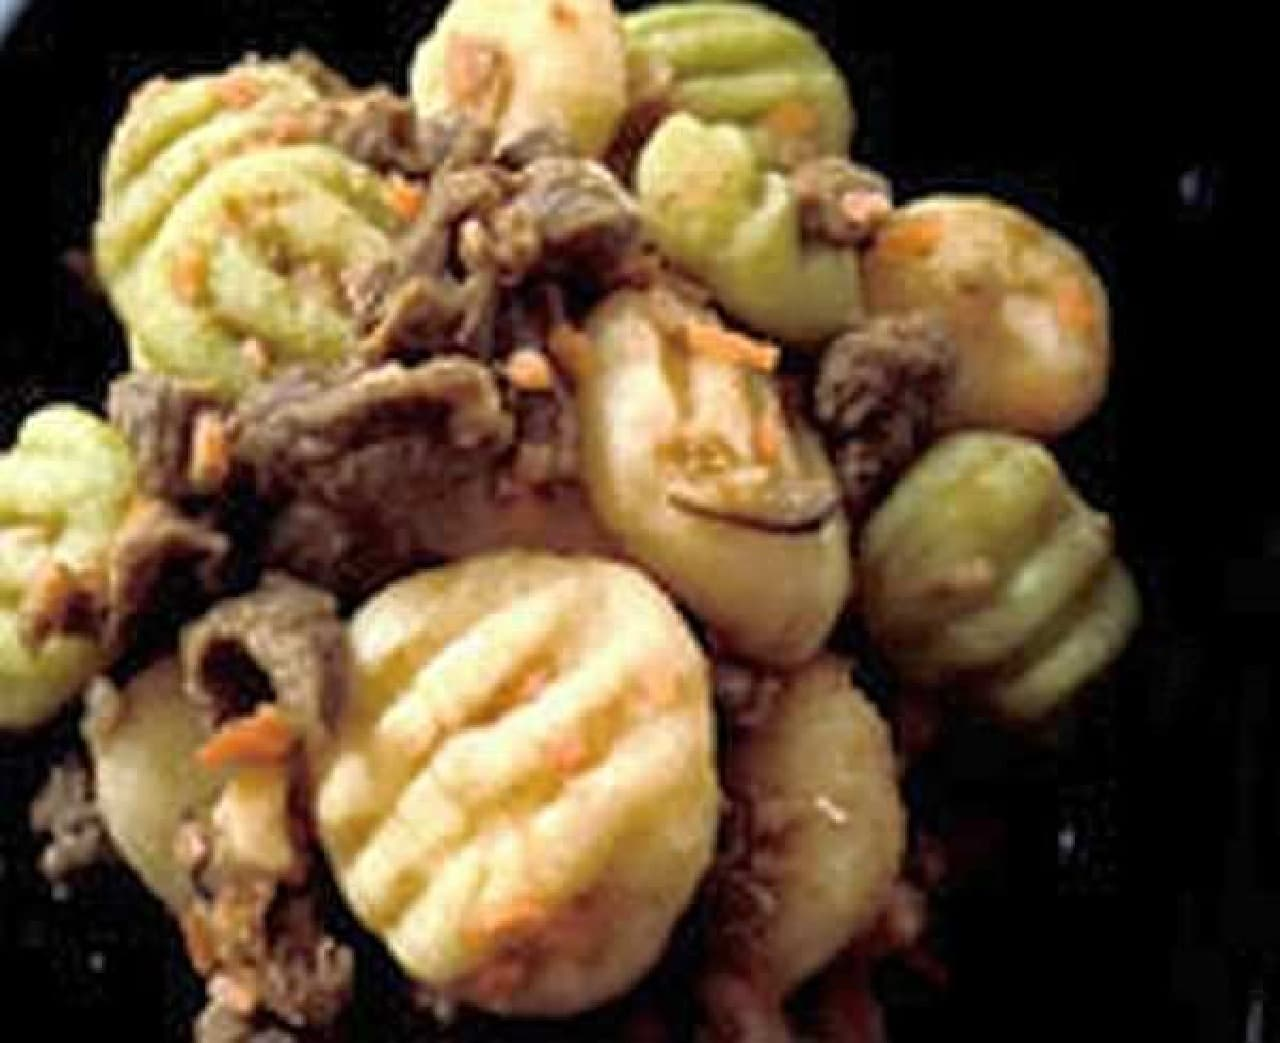 「犬用・無添加、手作りご飯とオヤツのセット」  鶏、豚、牛に比べて低カロリー